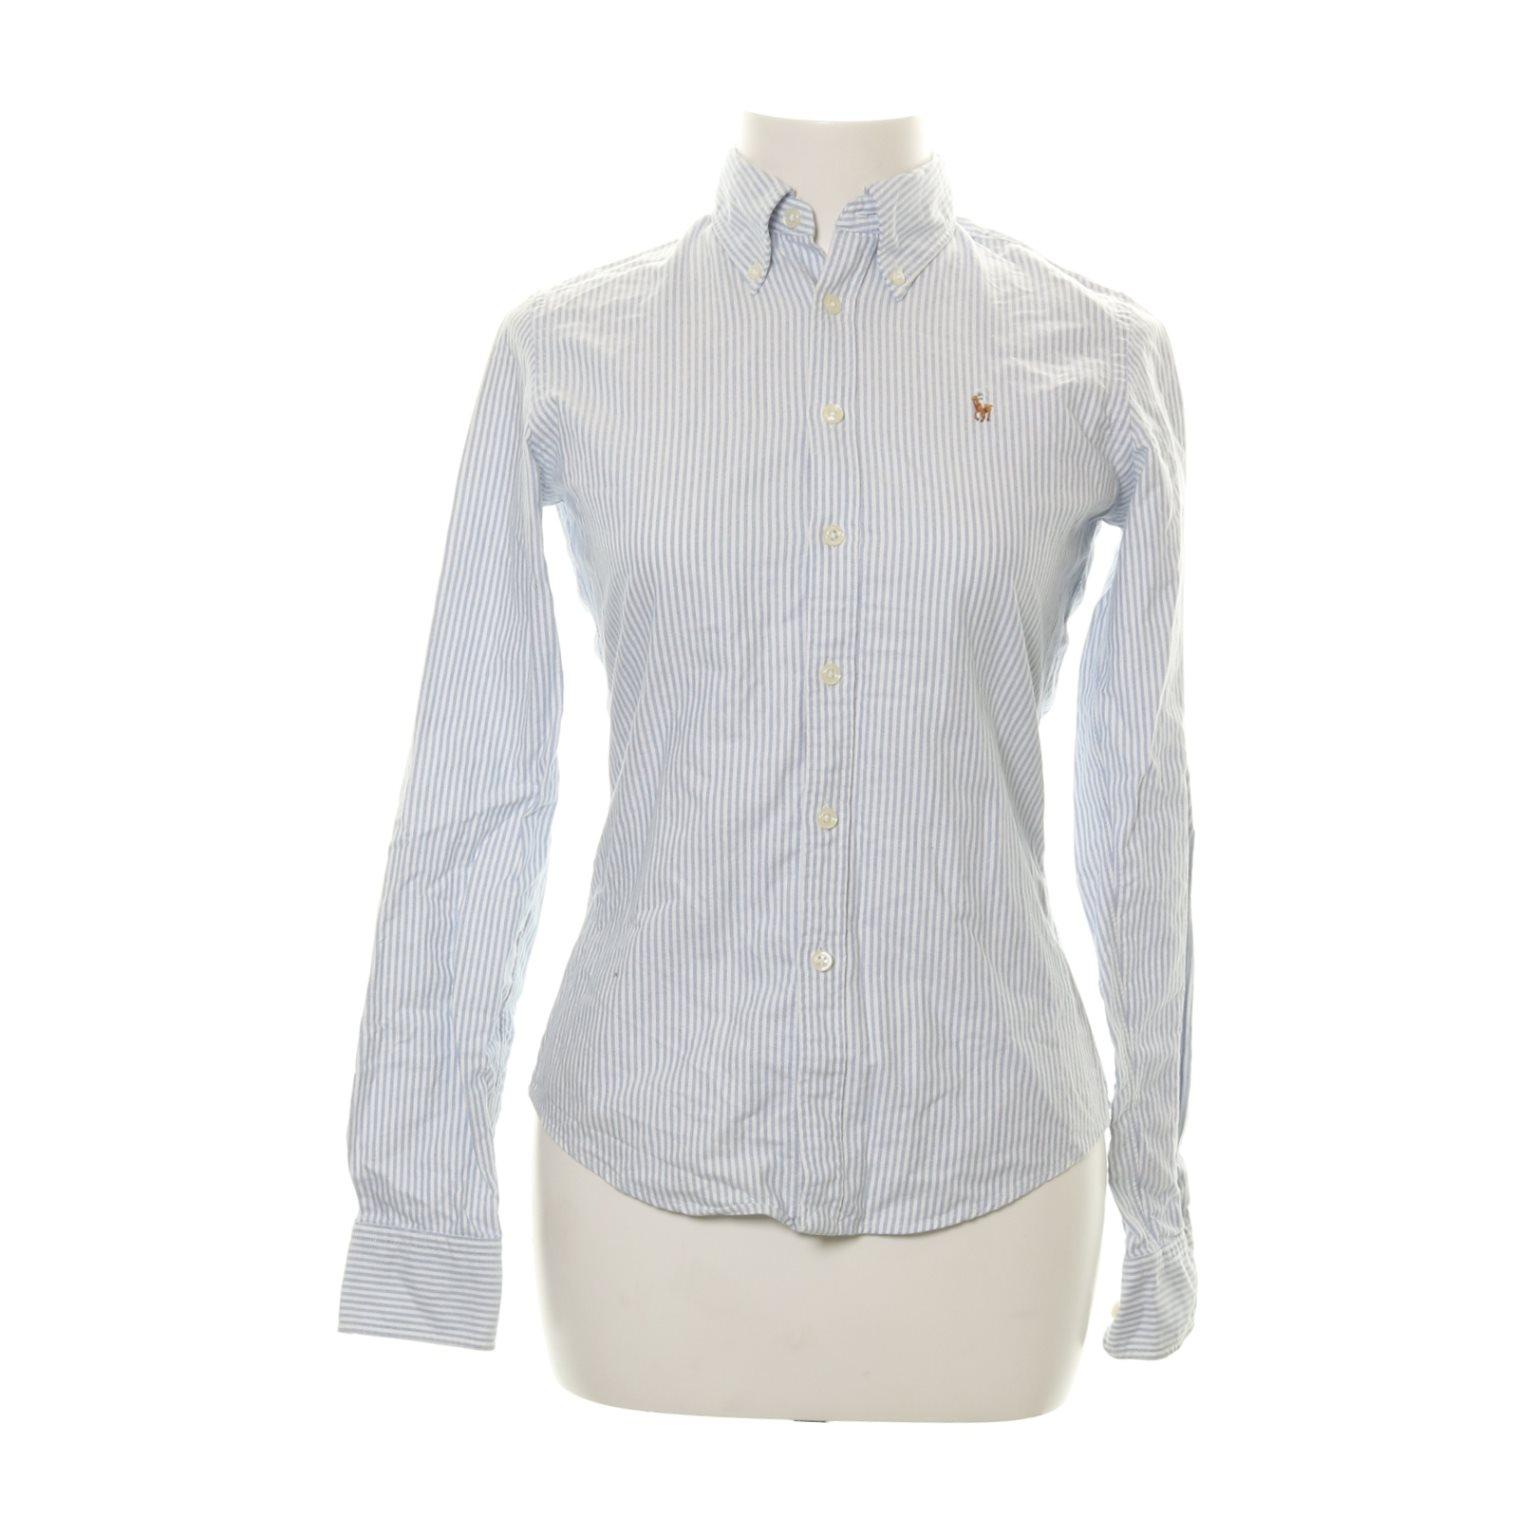 Ralph Lauren, Skjorta, Strl: 34, Skinny Fit, Vit/Blå